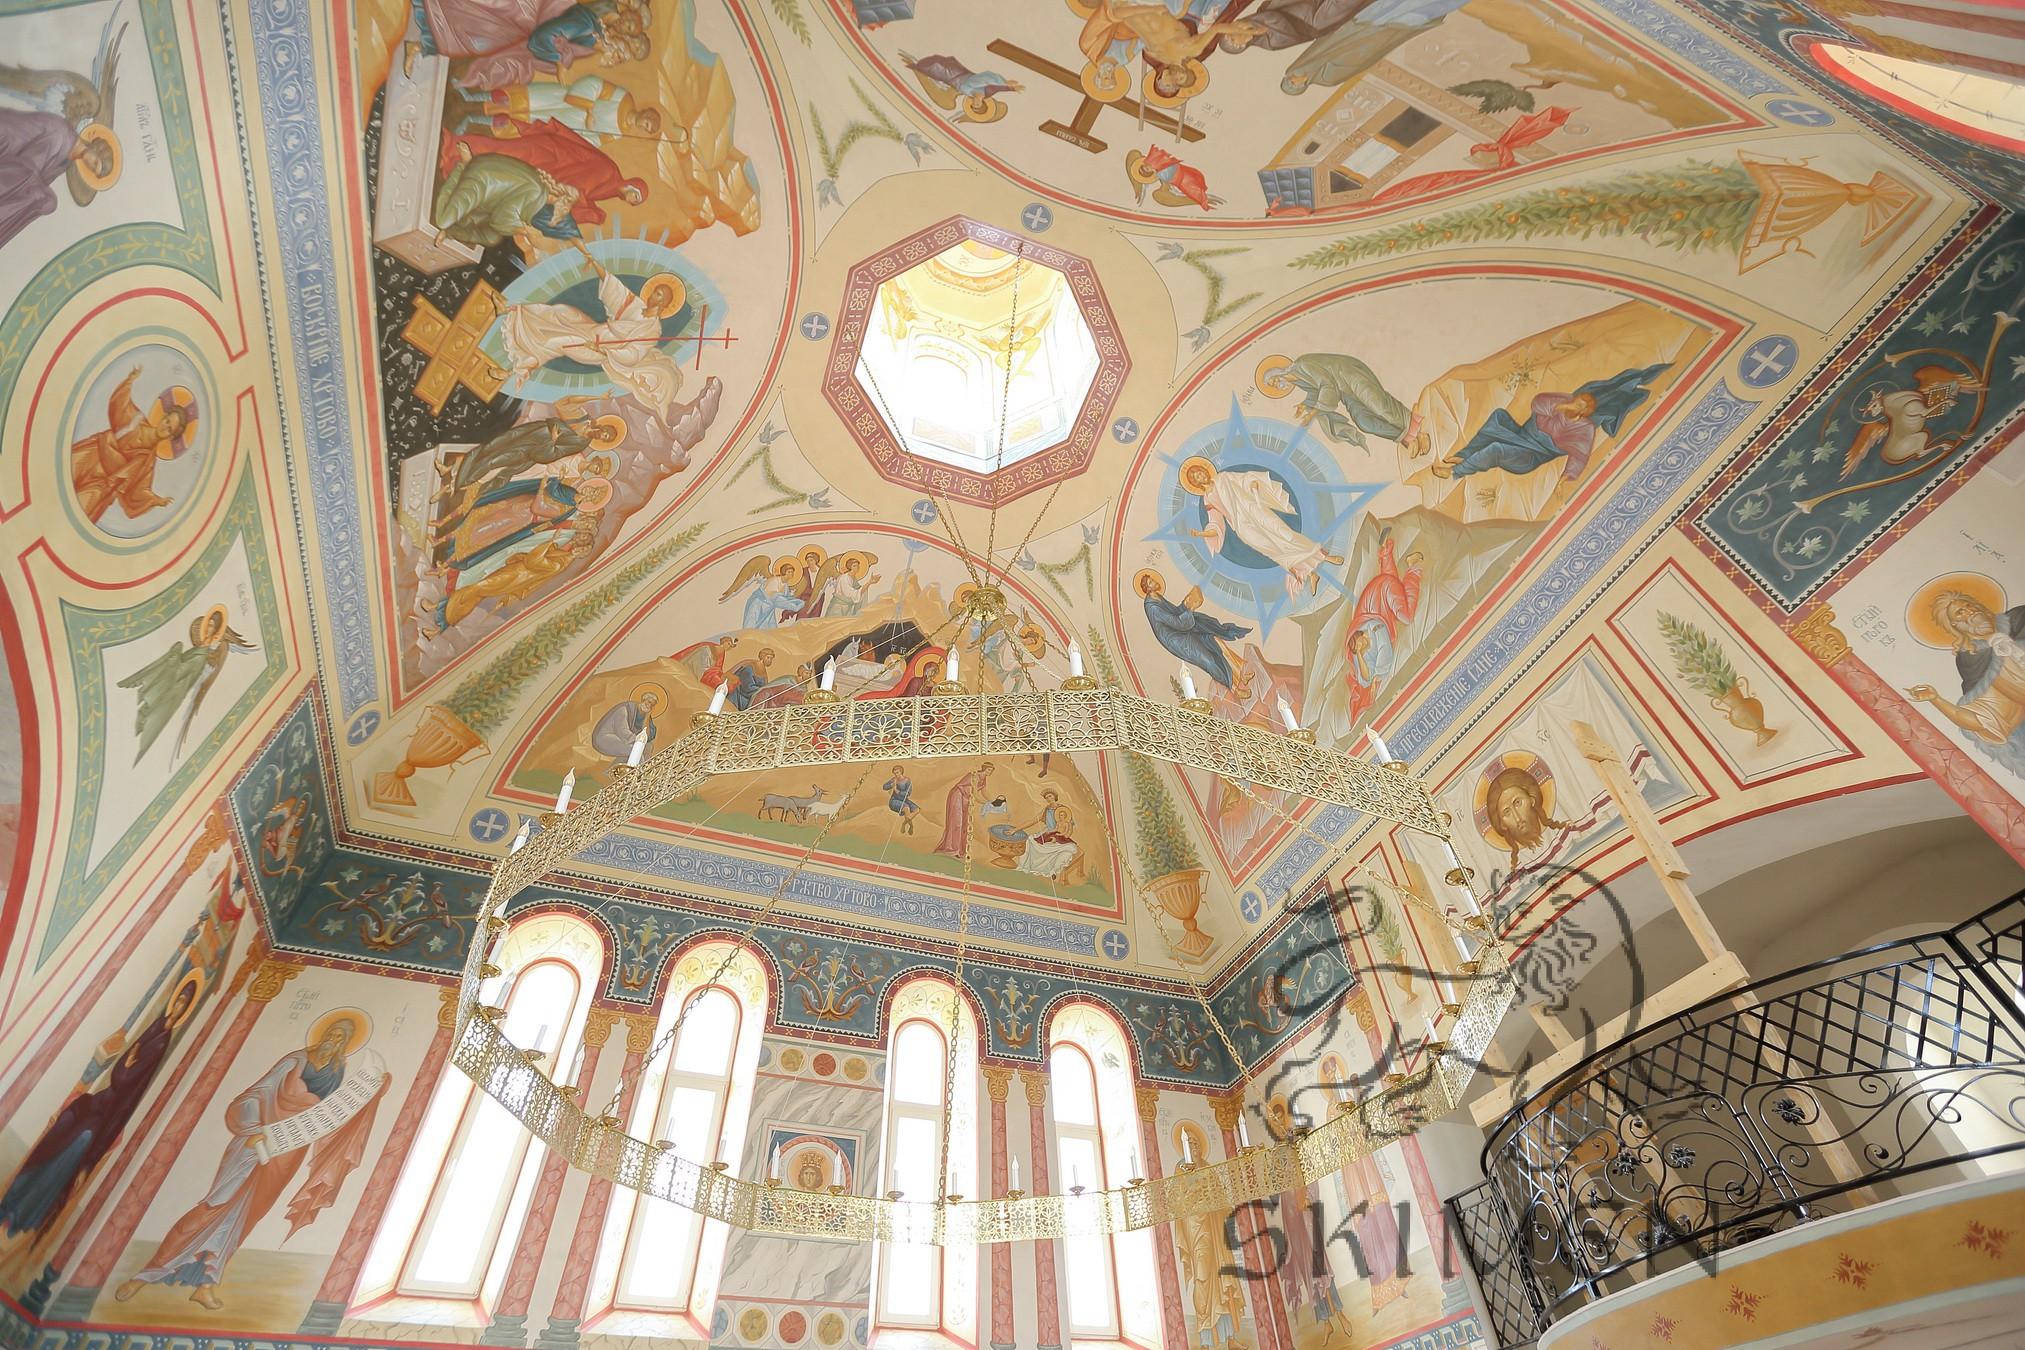 Панорама росписи с куполом